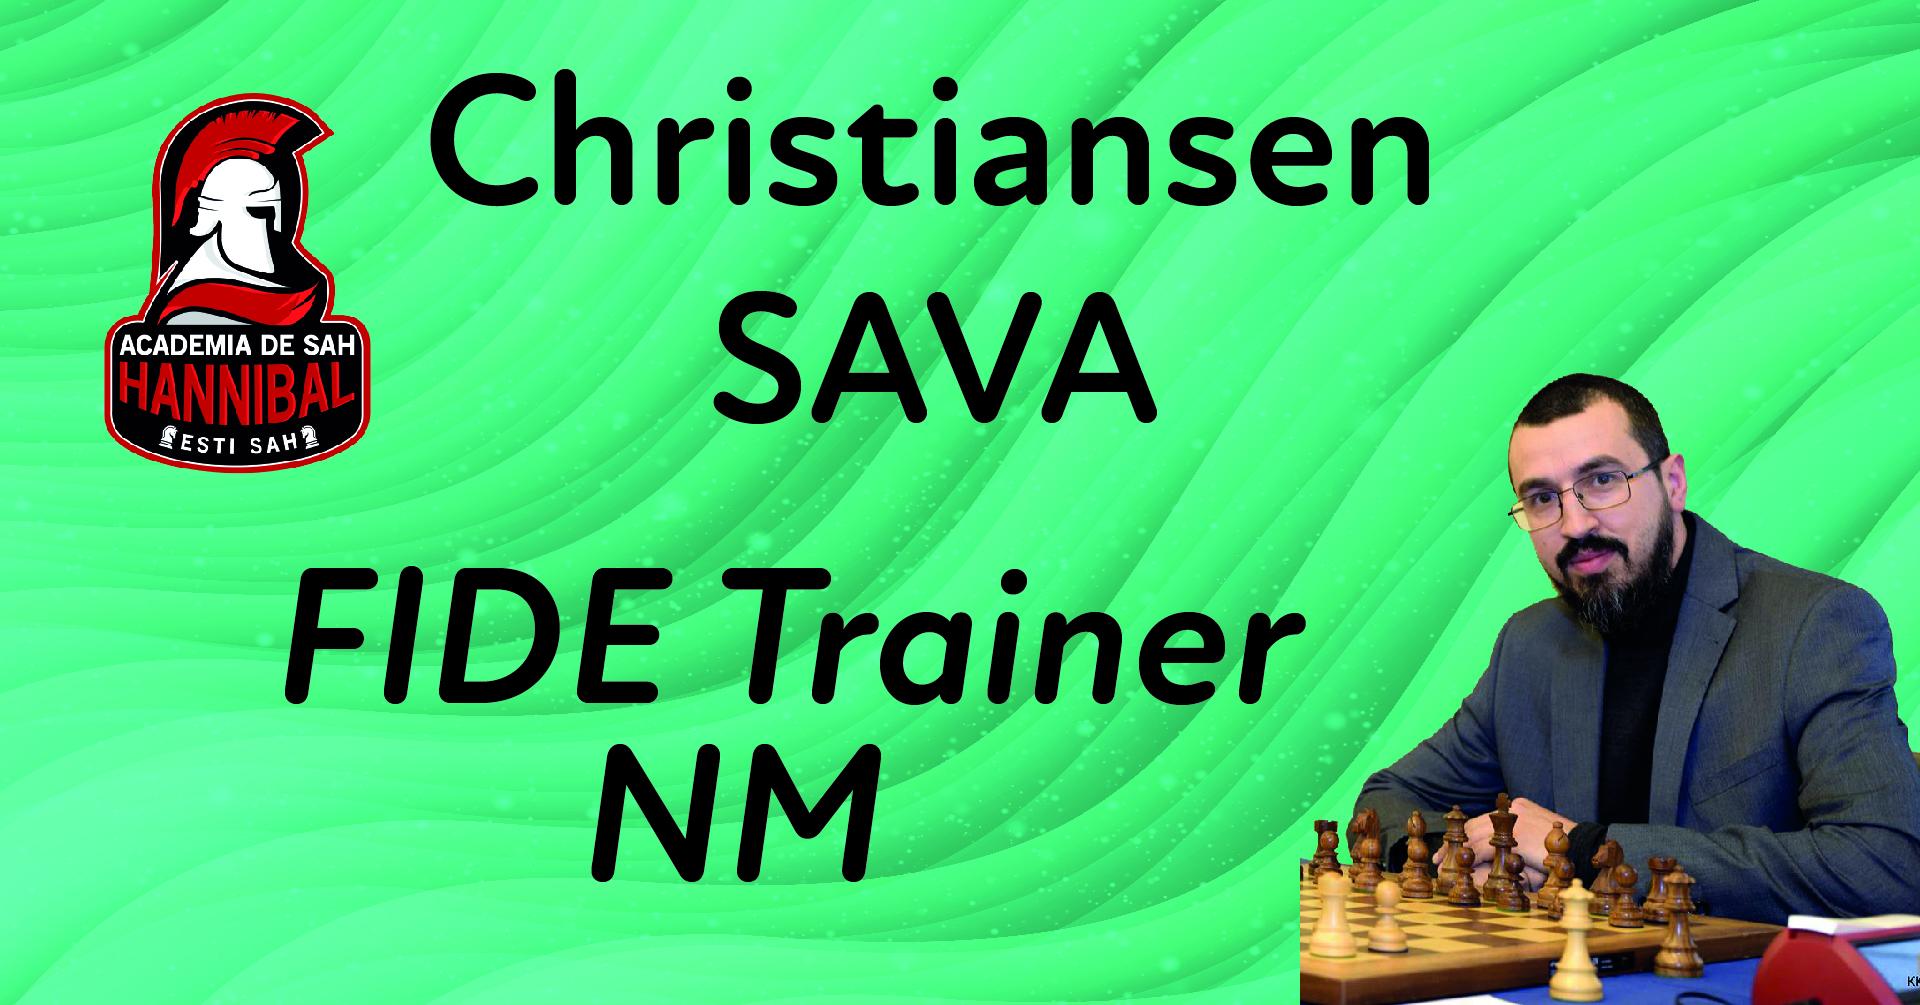 Christiansen Sava